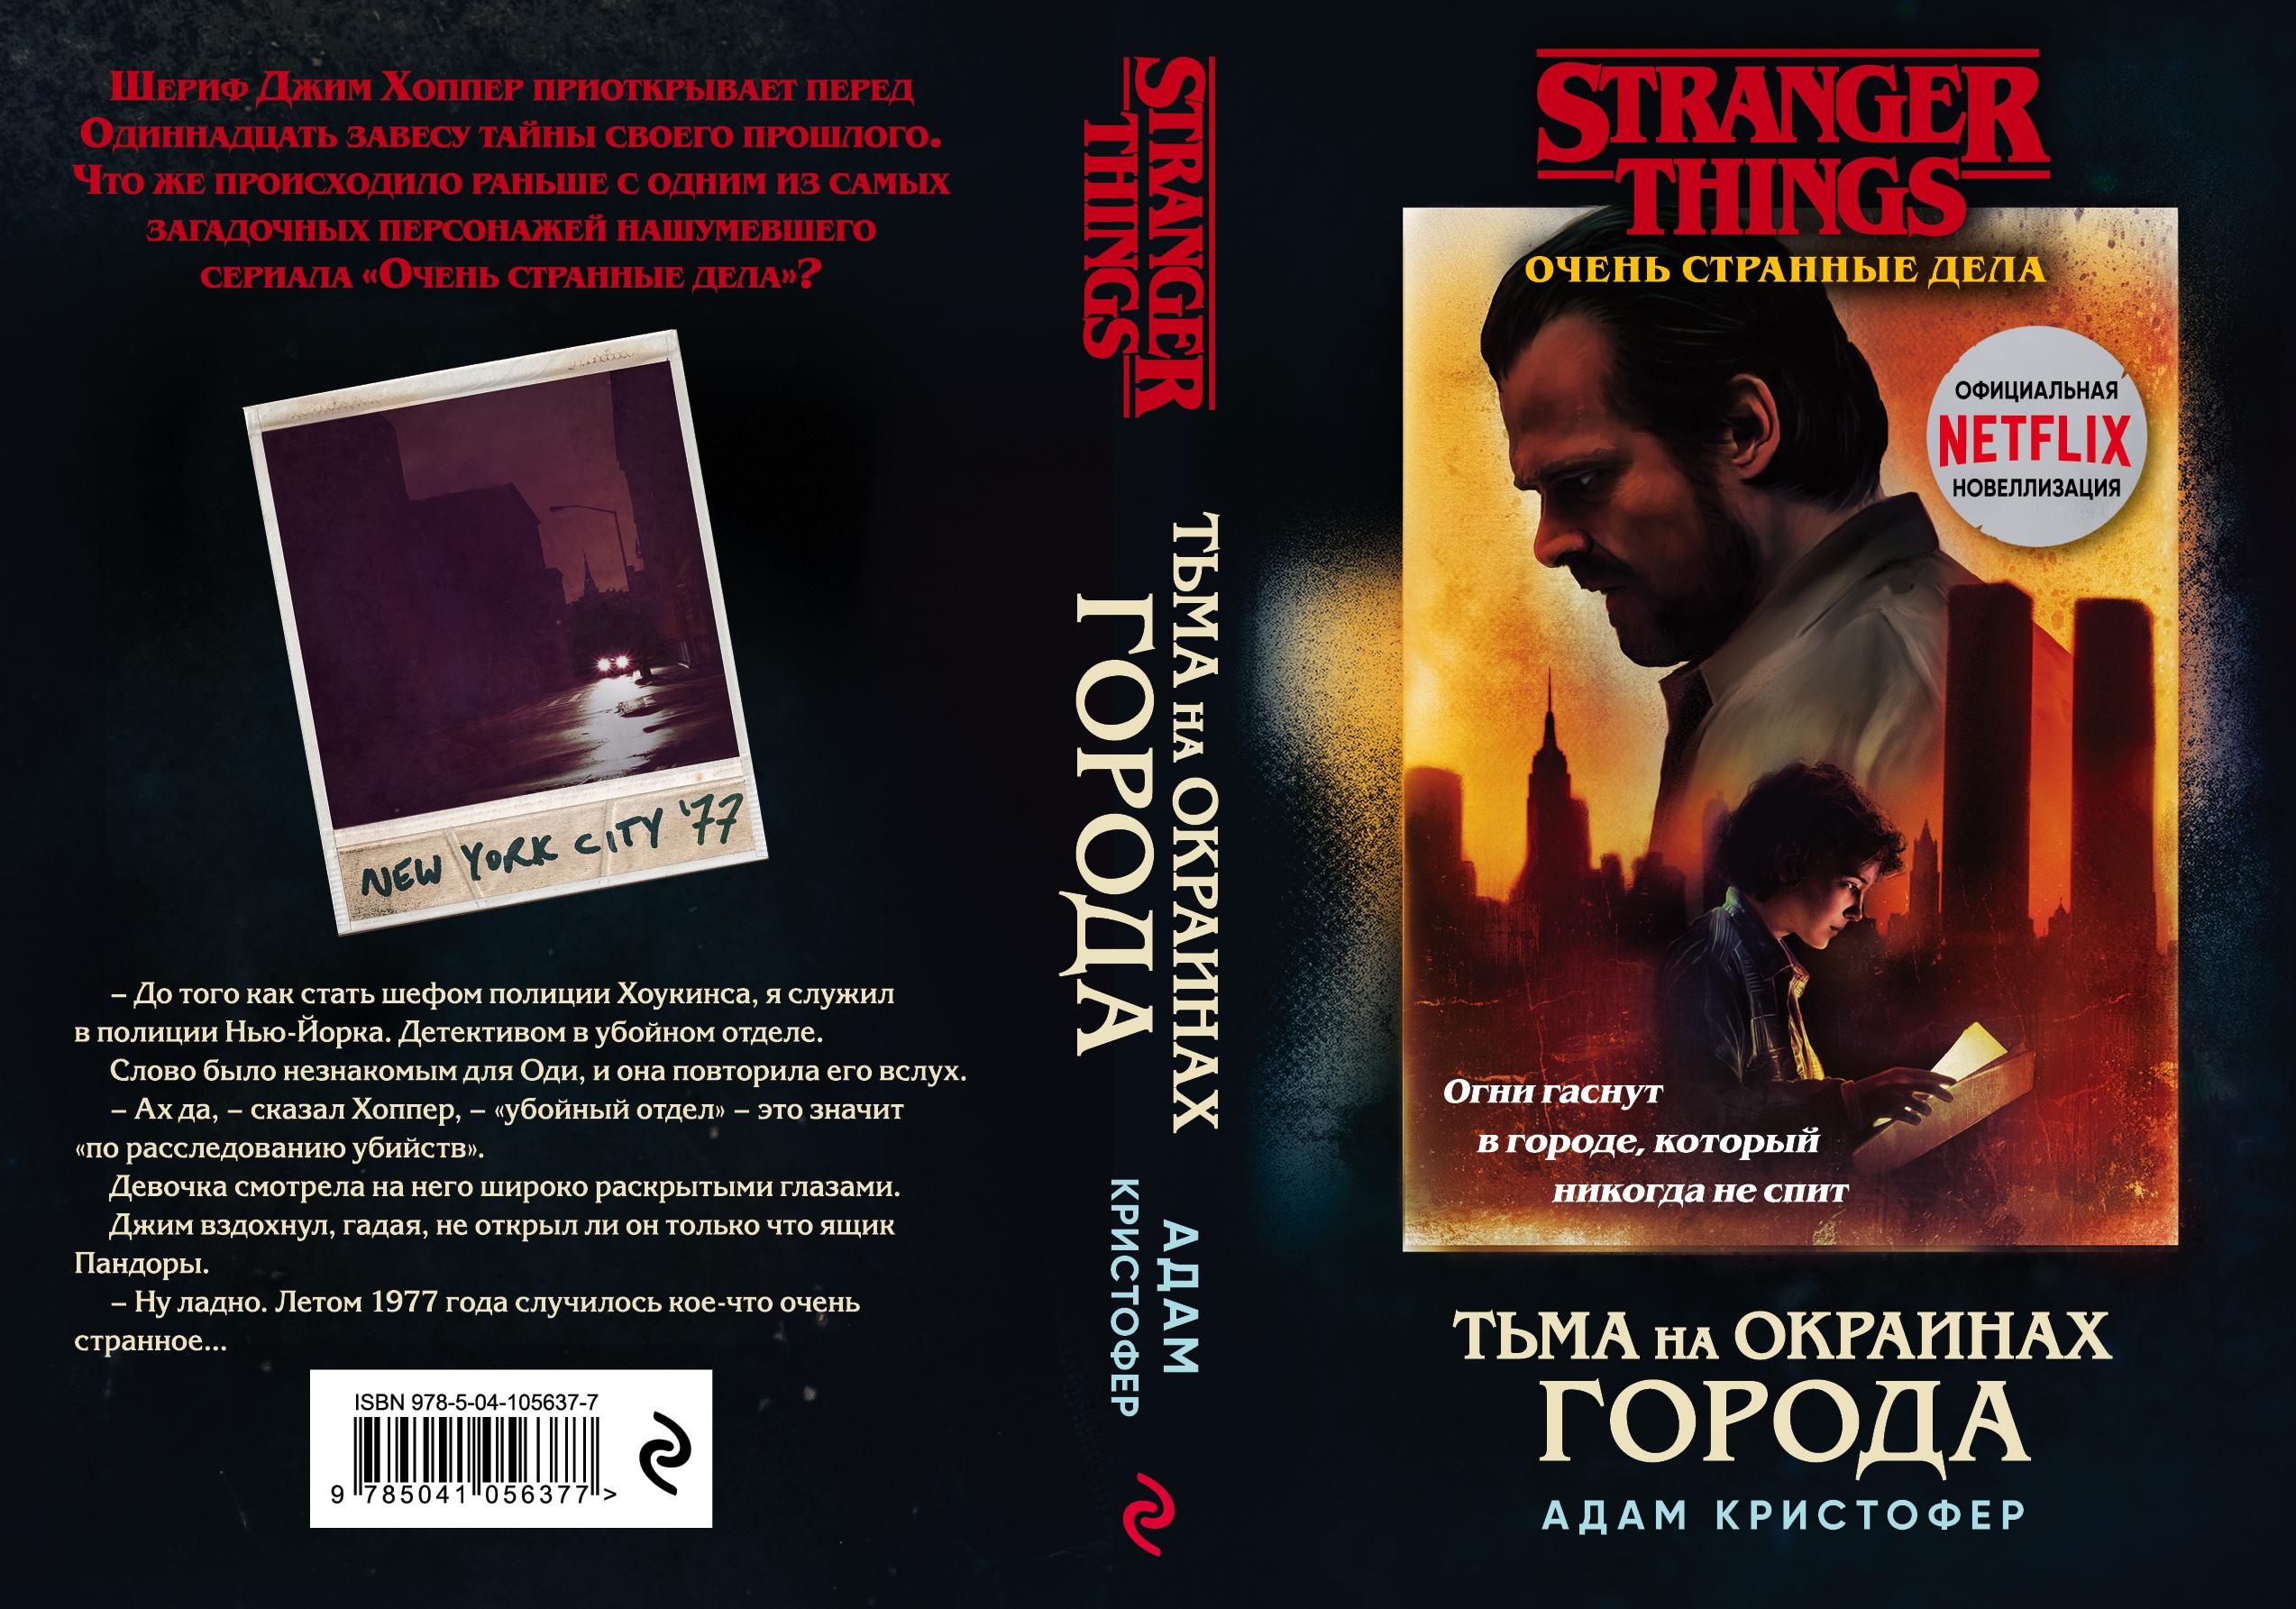 Что почитать: переосмысление артурианы Миллера и роман по сериалу «Очень странные дела» 2